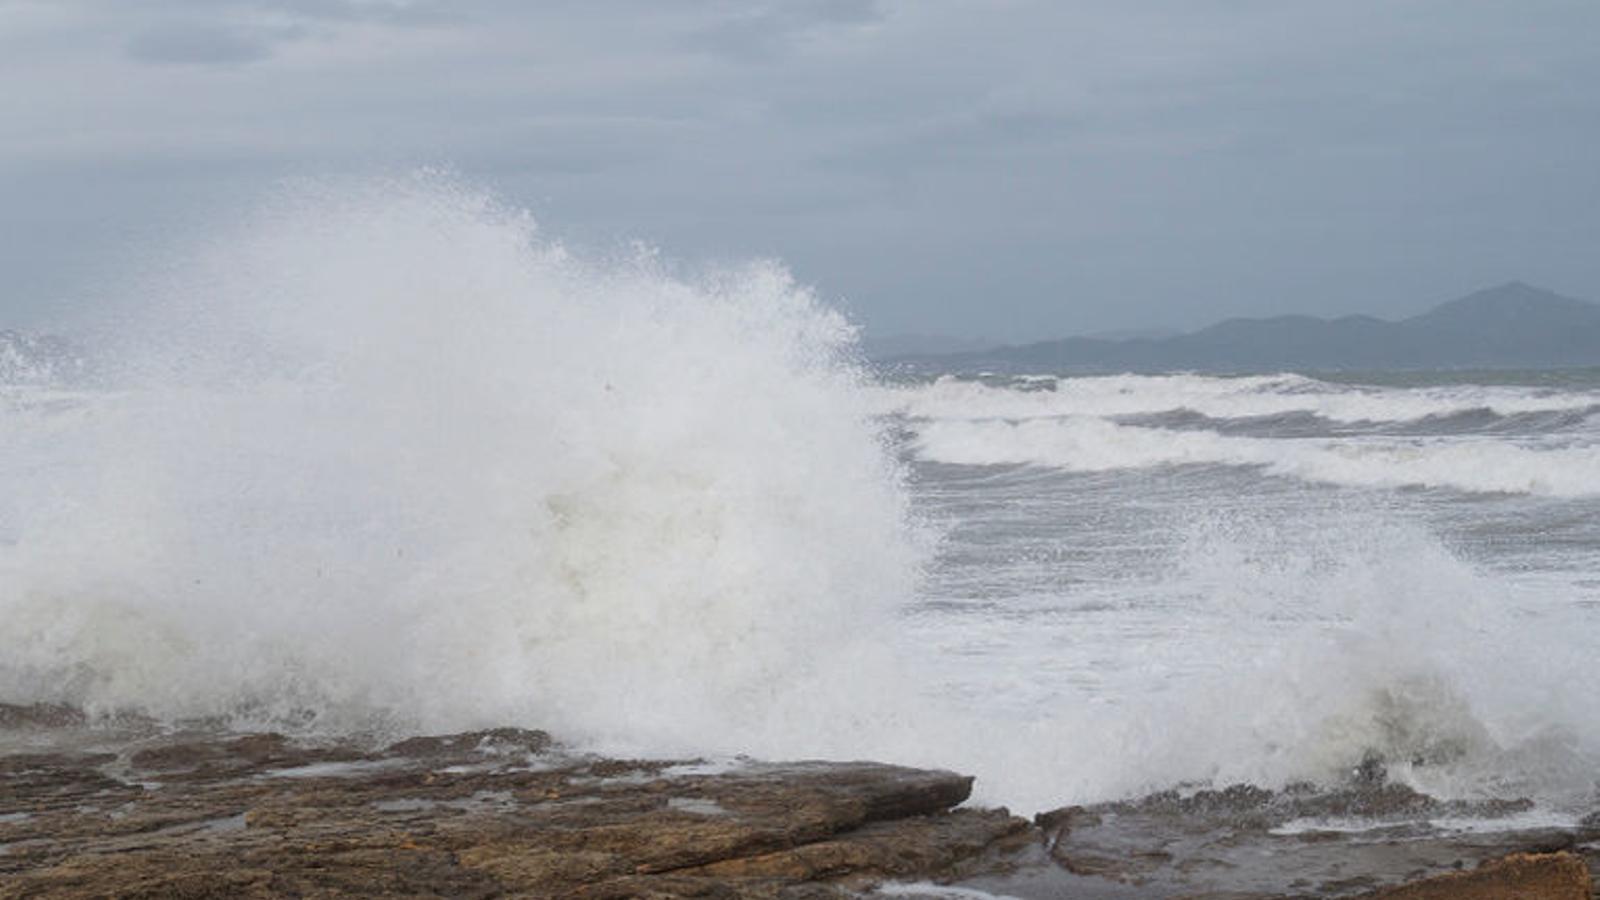 Alerta pel fort vent a Menorca i Mallorca